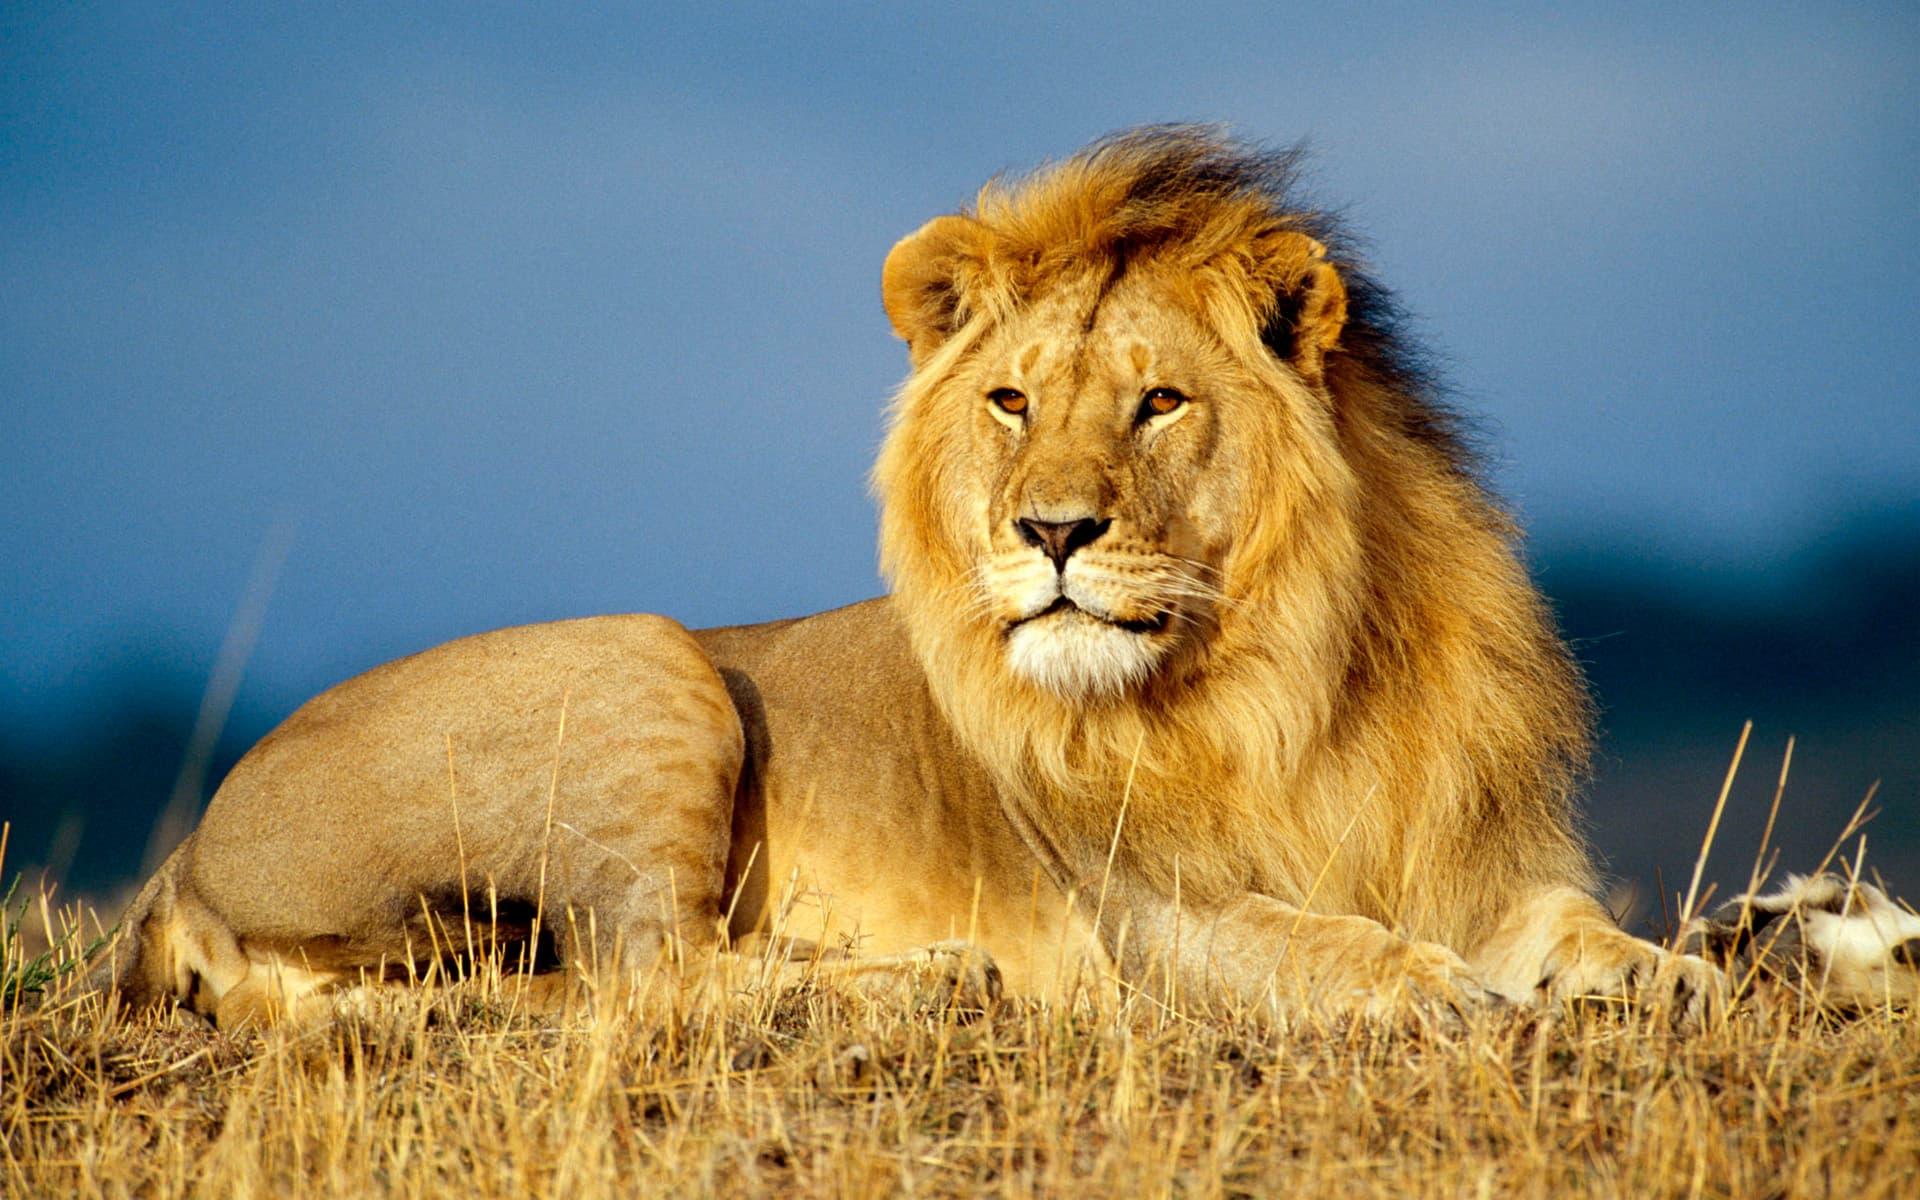 Hình nền vua của núi rừng sư tử